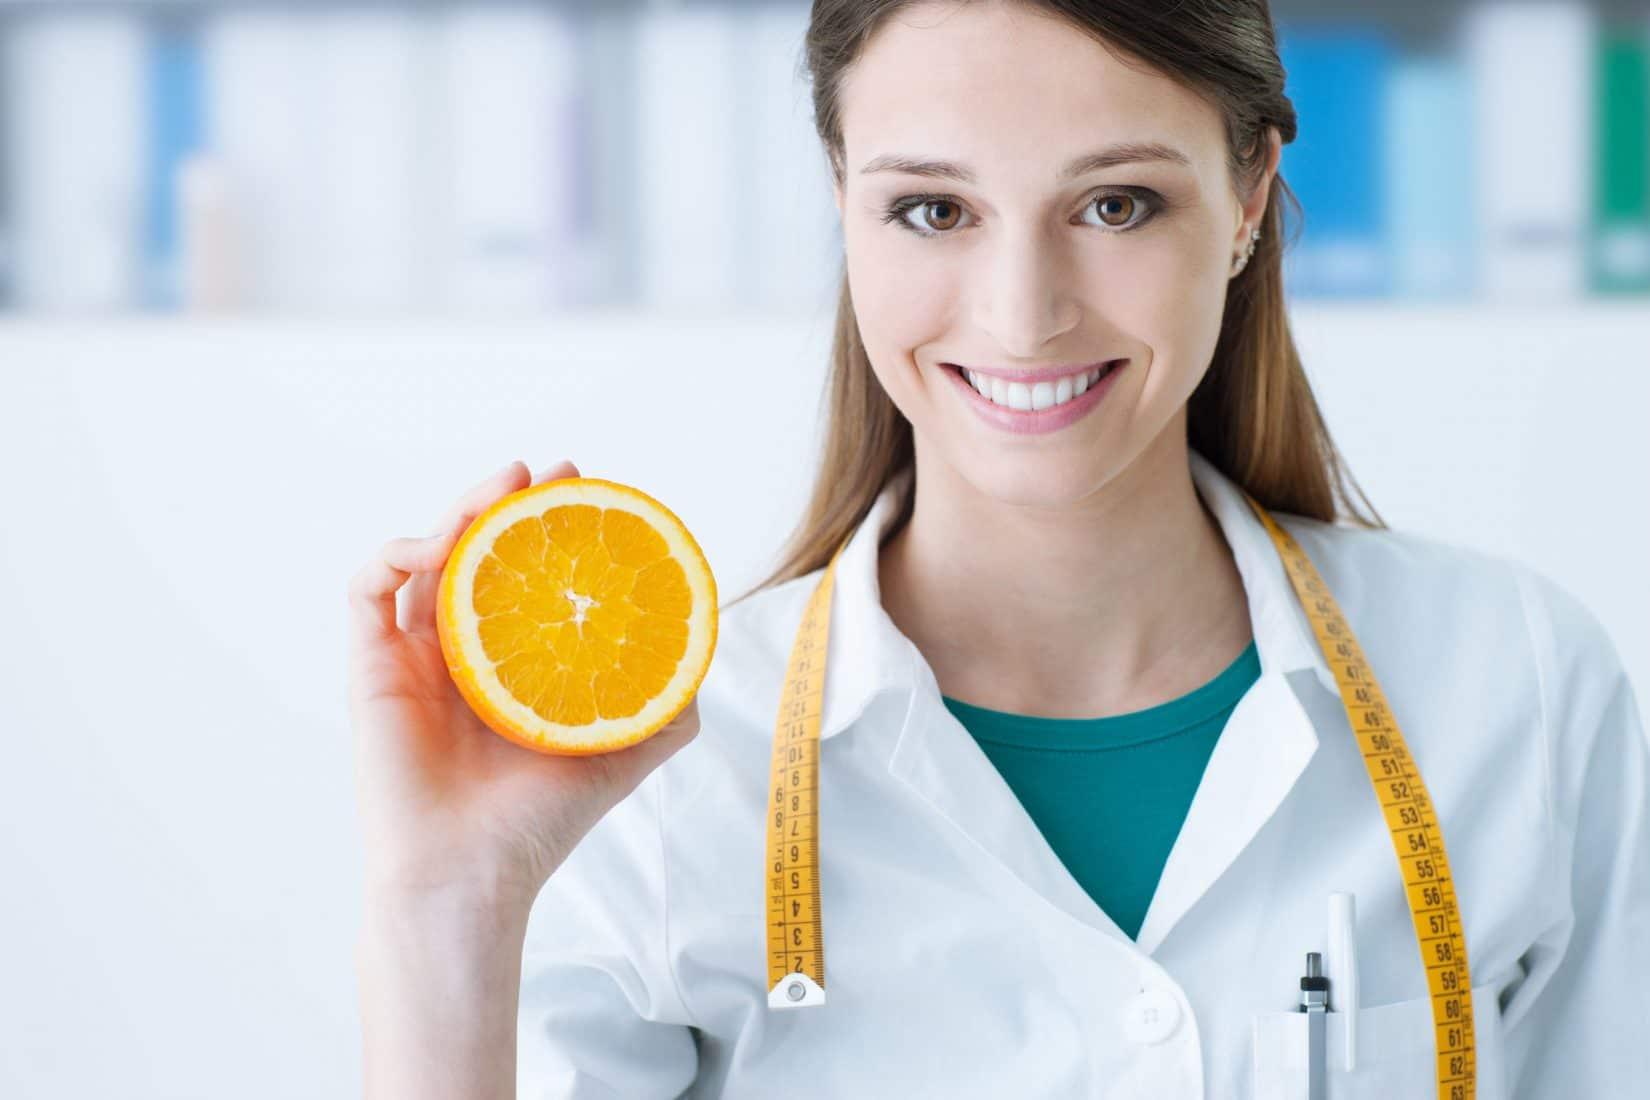 Female Doctor Holding Up Orange